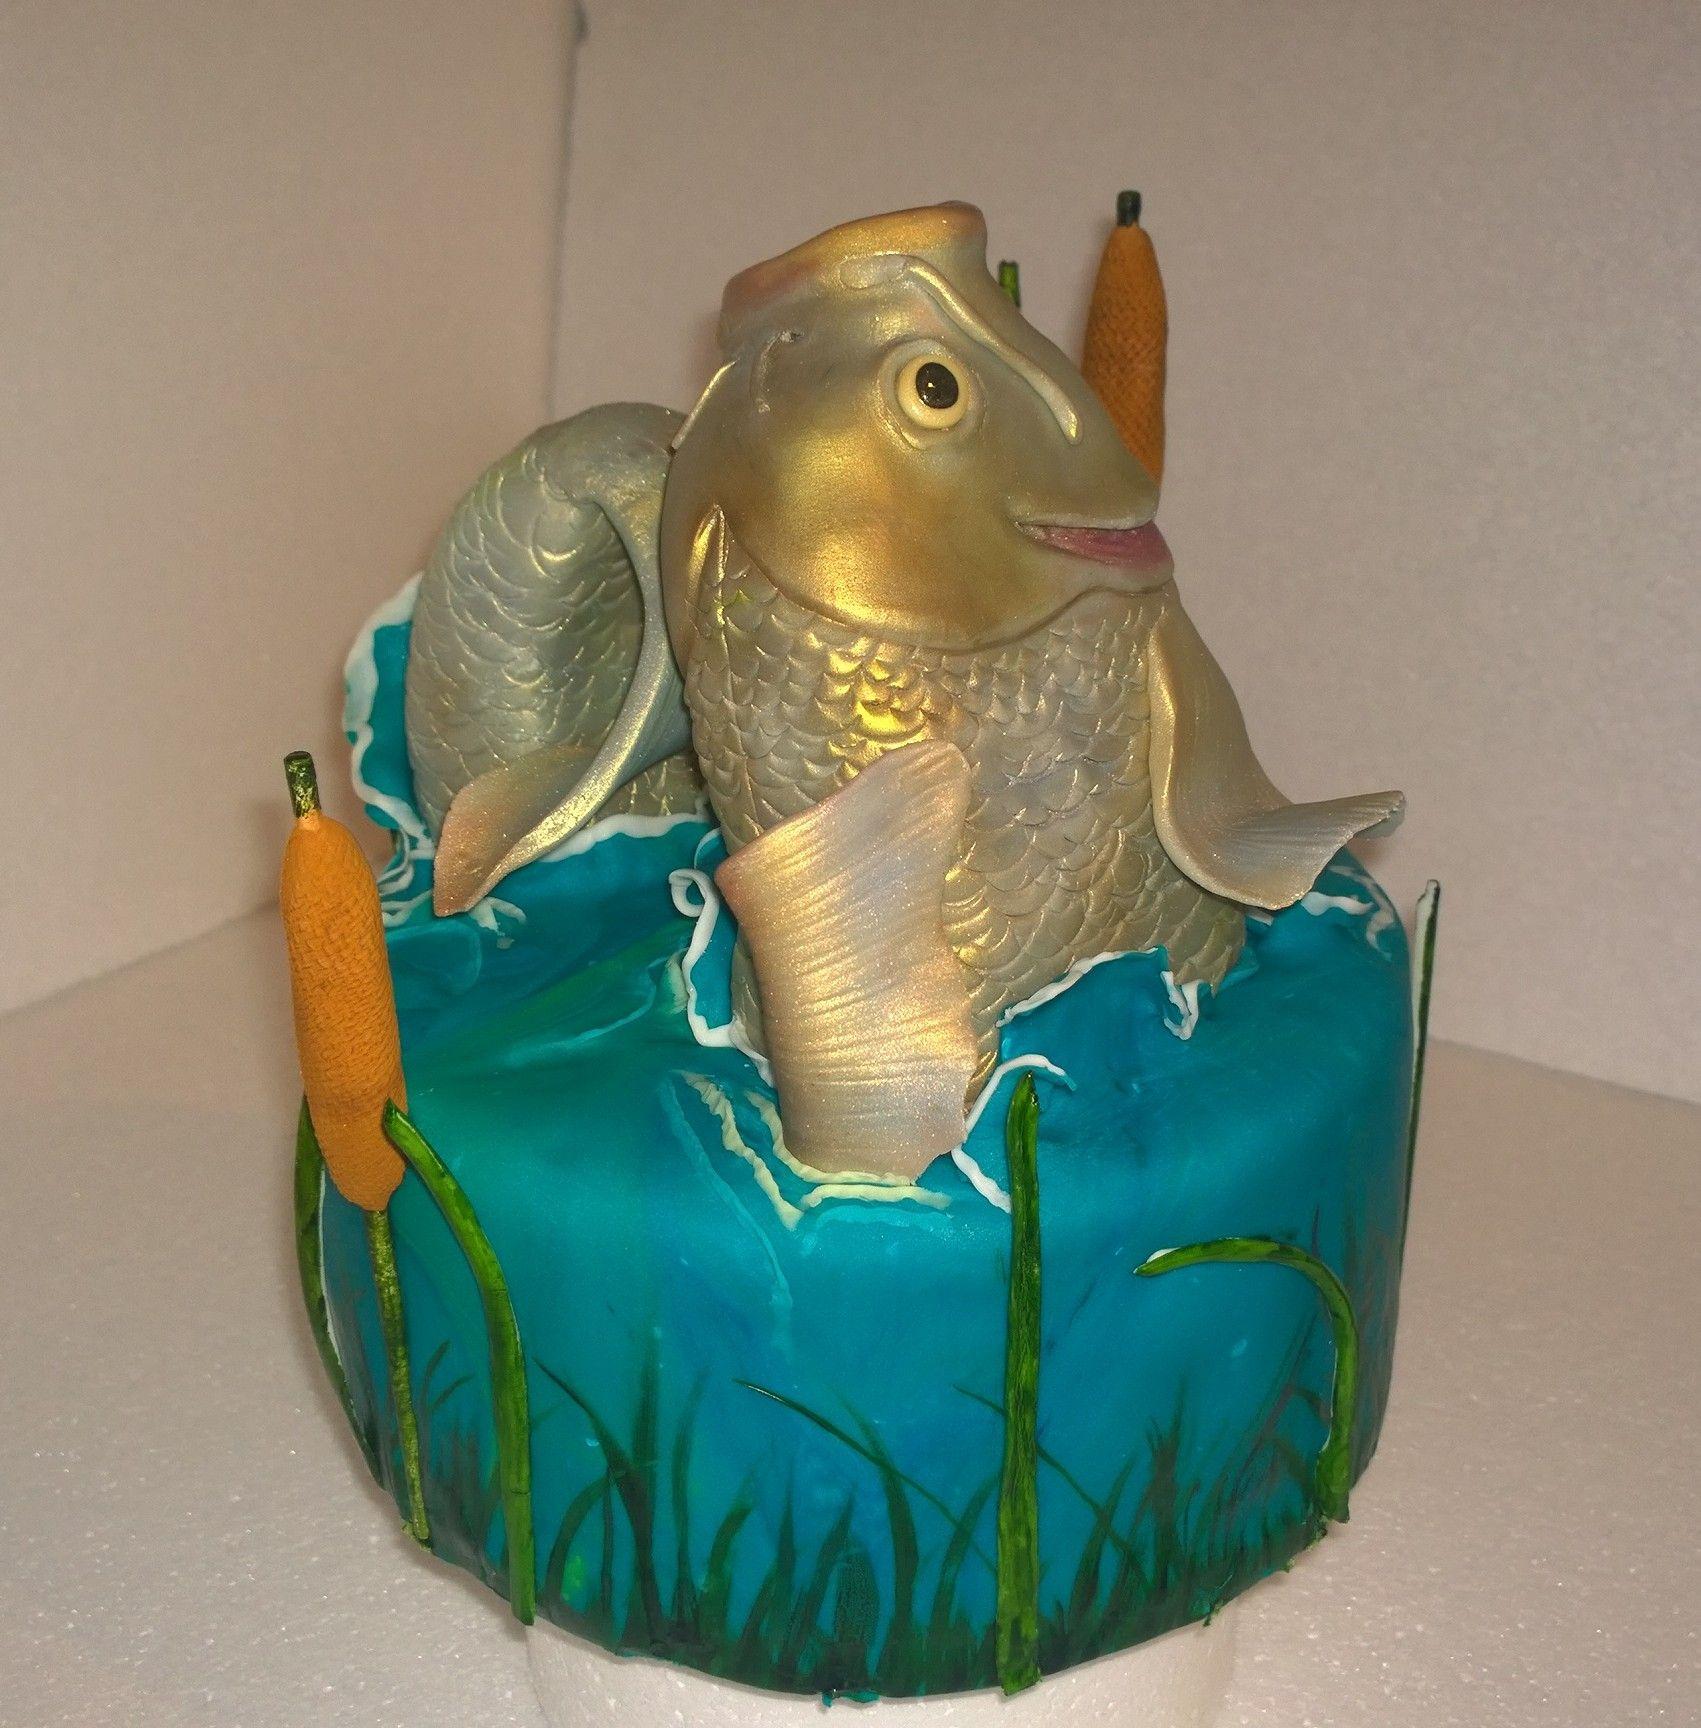 Big Fishns Birthday Cake Idea Fishing Carp Rzn